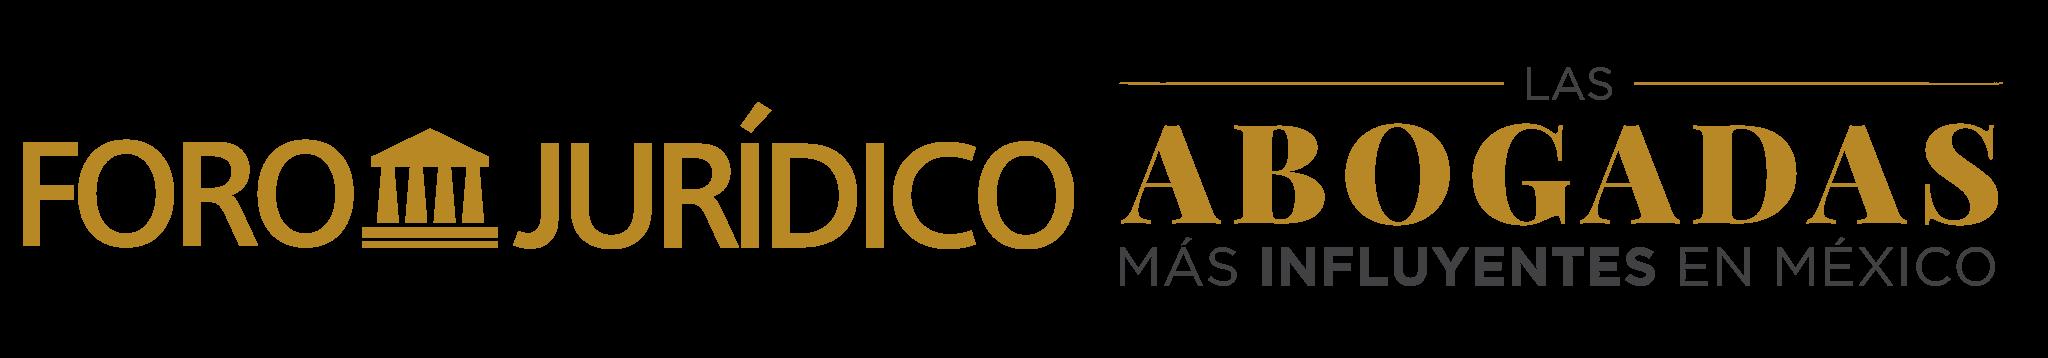 Foro Jurídico presenta: Las Abogadas mas Influyentes en México